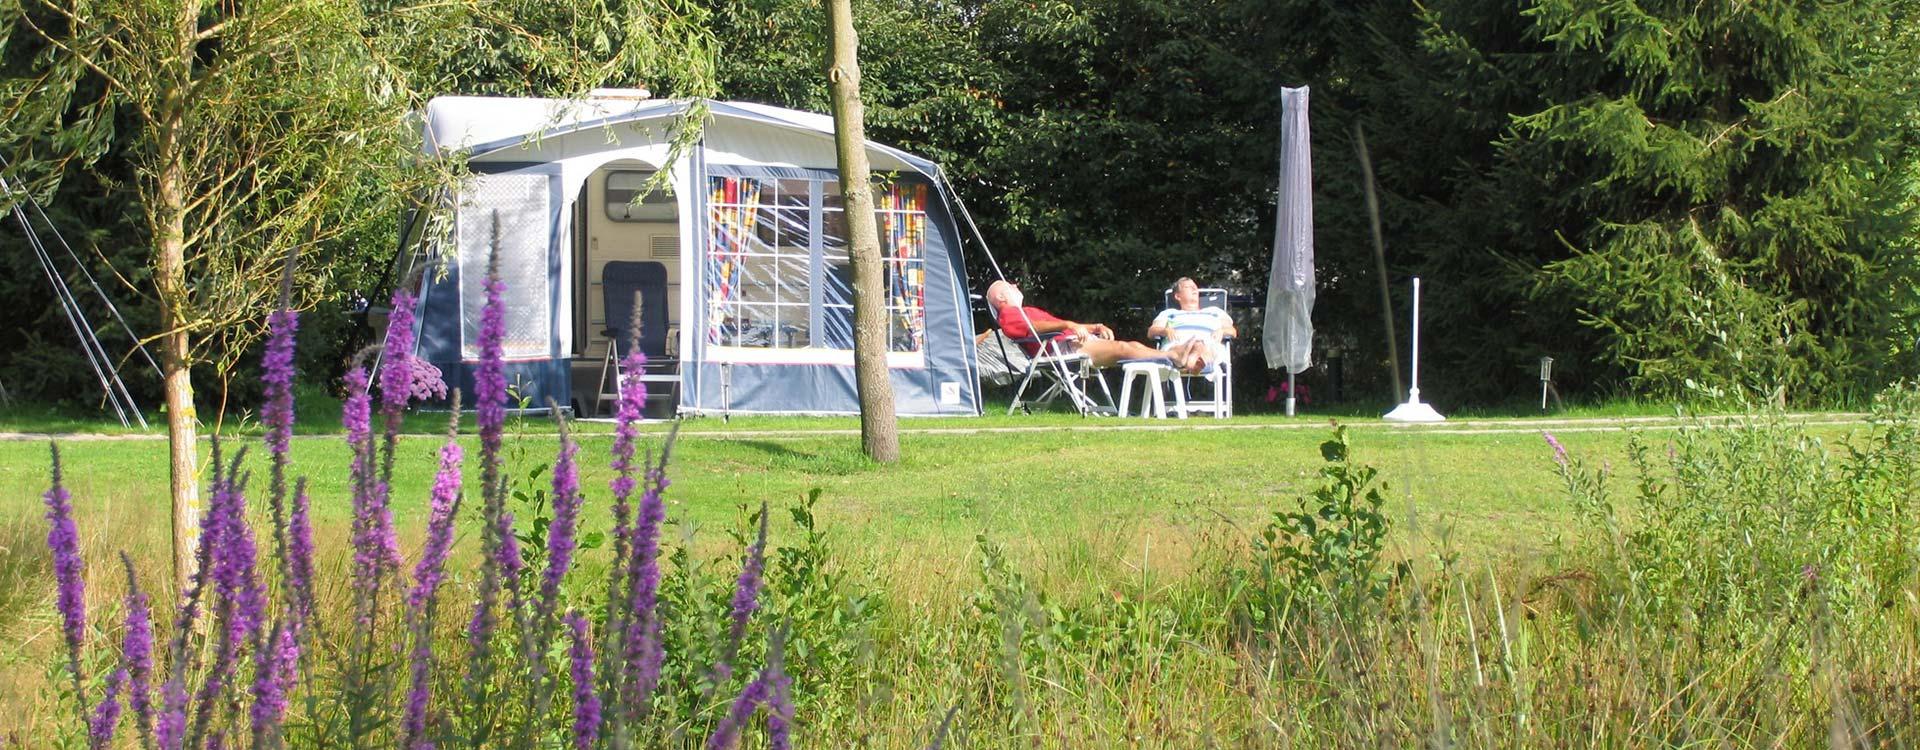 camping-meistershof-rustige-camping-kom-tot-rust